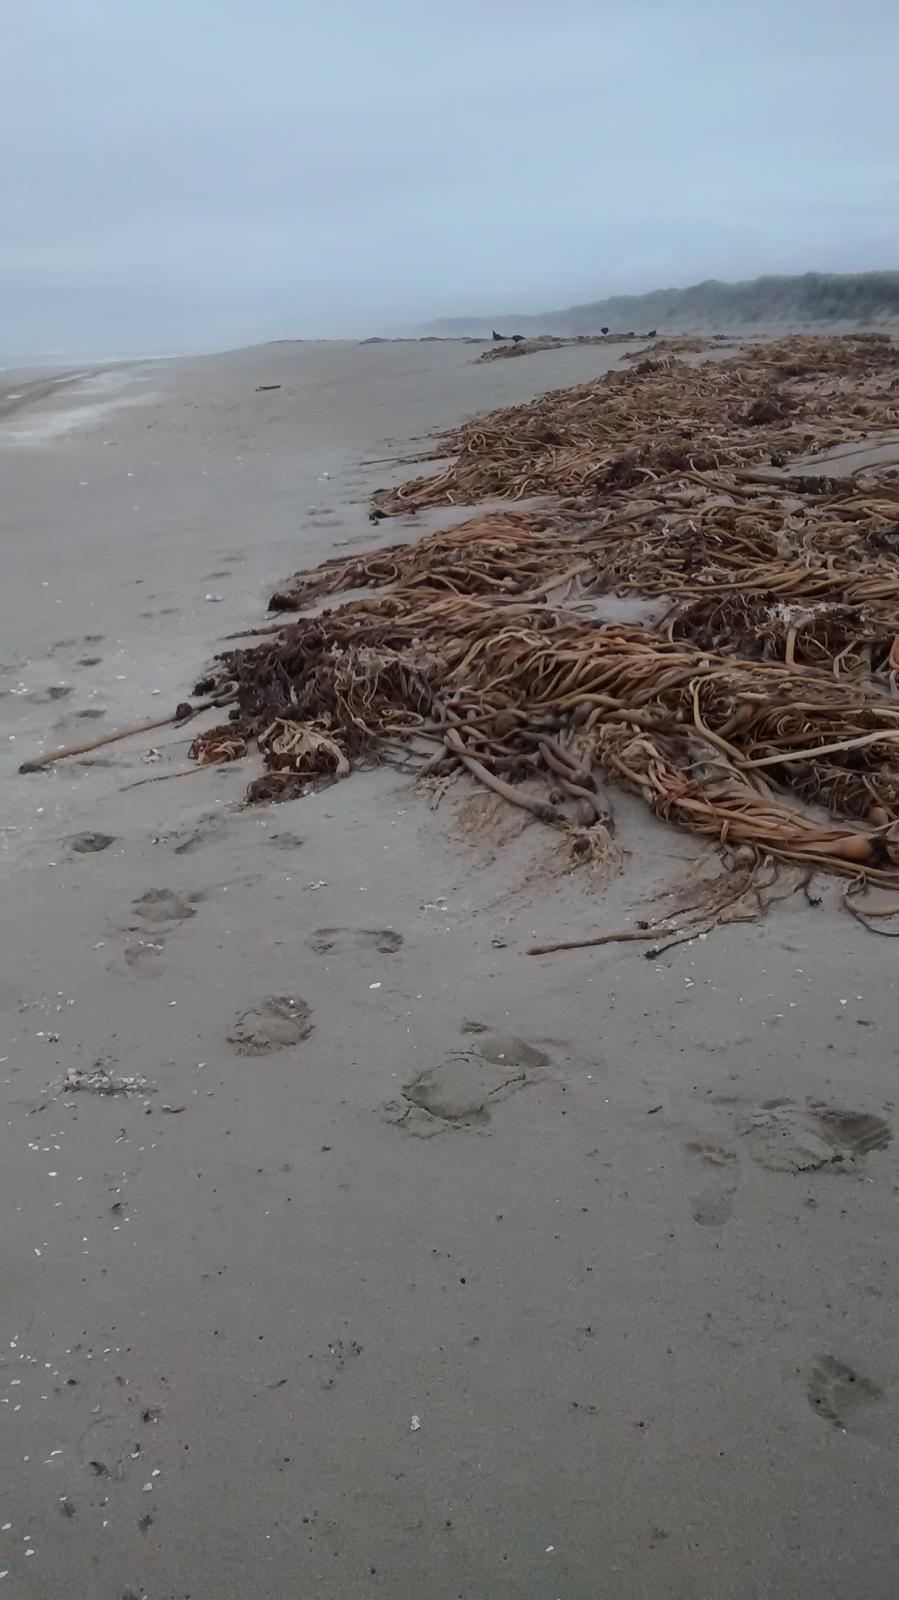 Bullwhip kelp piles up on Horsfall Beaches.